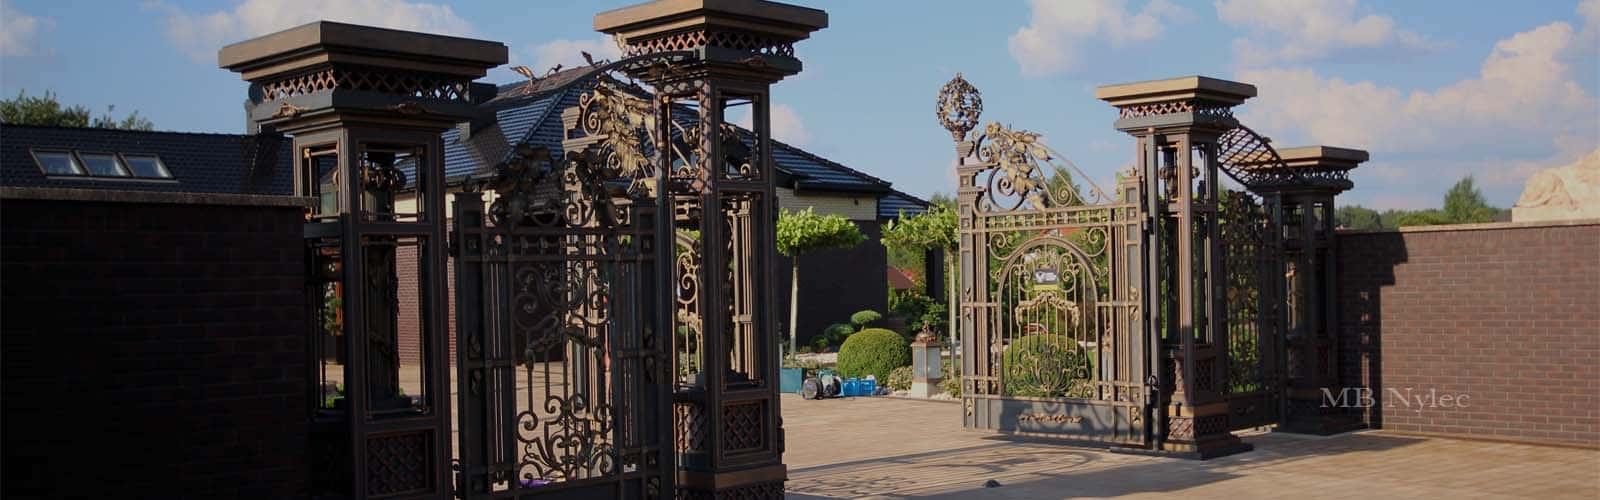 bramy-wjazdowe-kute